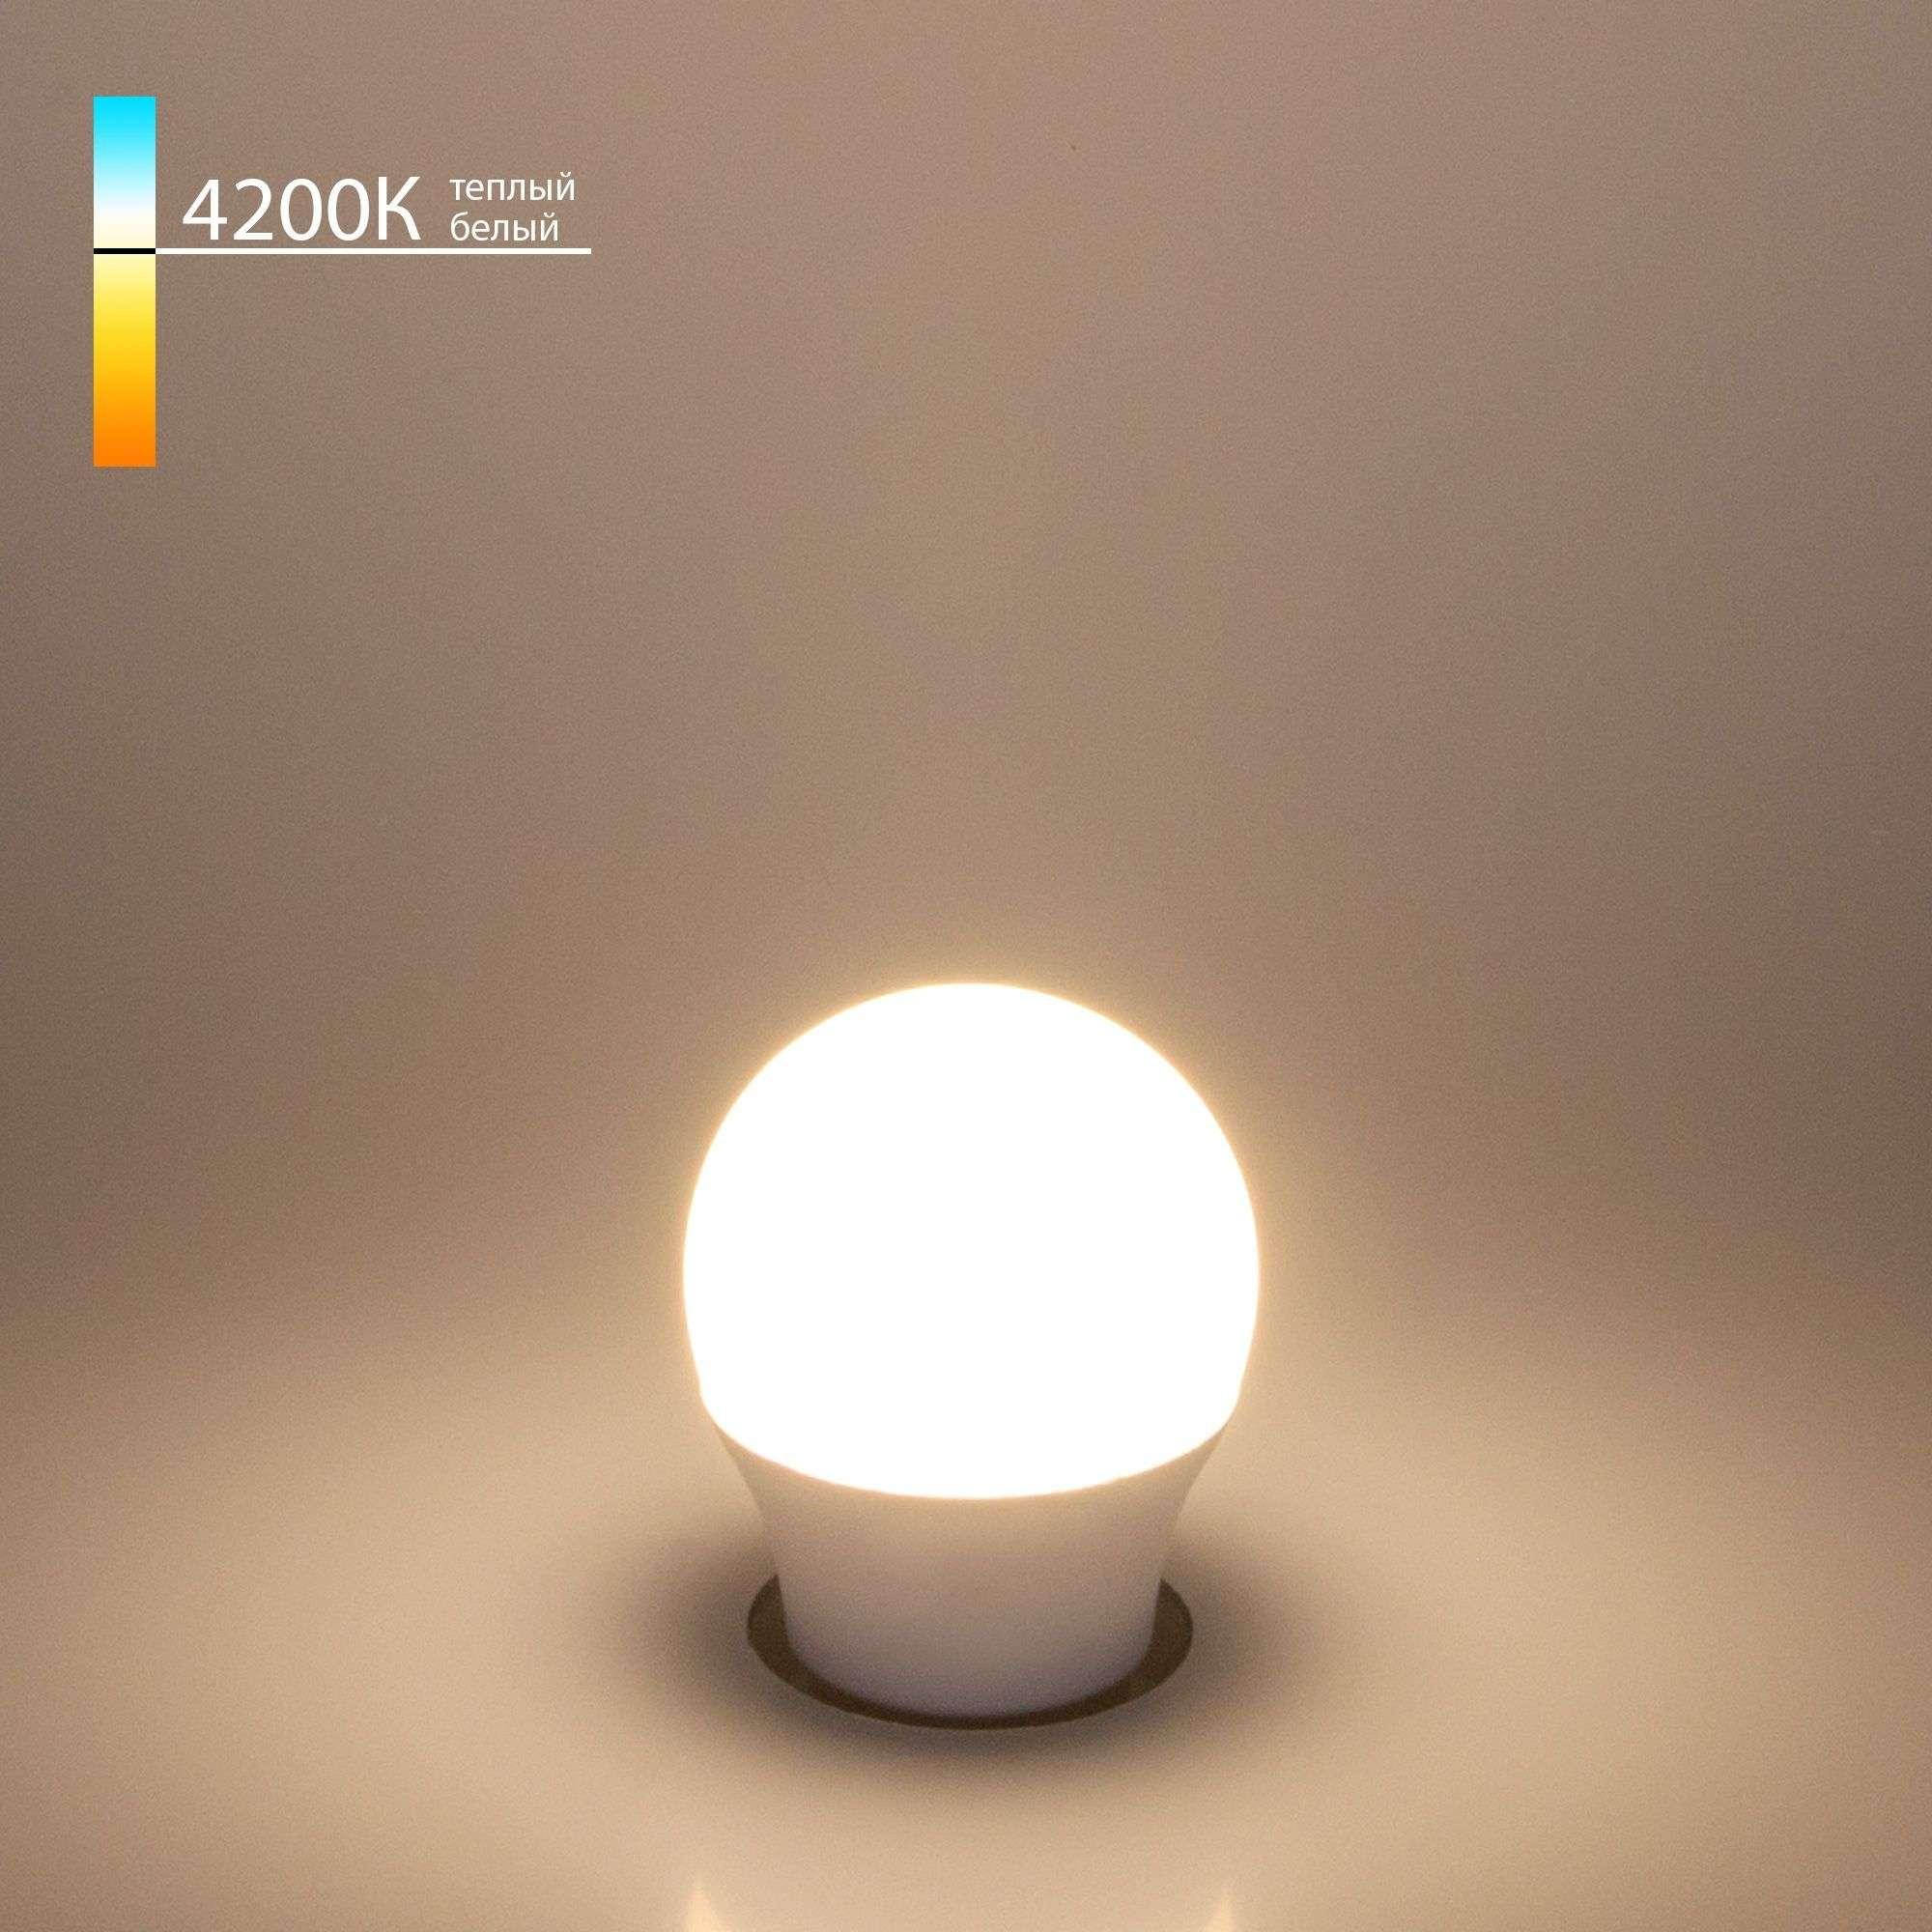 Светодиодная лампа G45 7W 4200K E27 Mini Classic LED 7W 4200K E27 матовое стекло